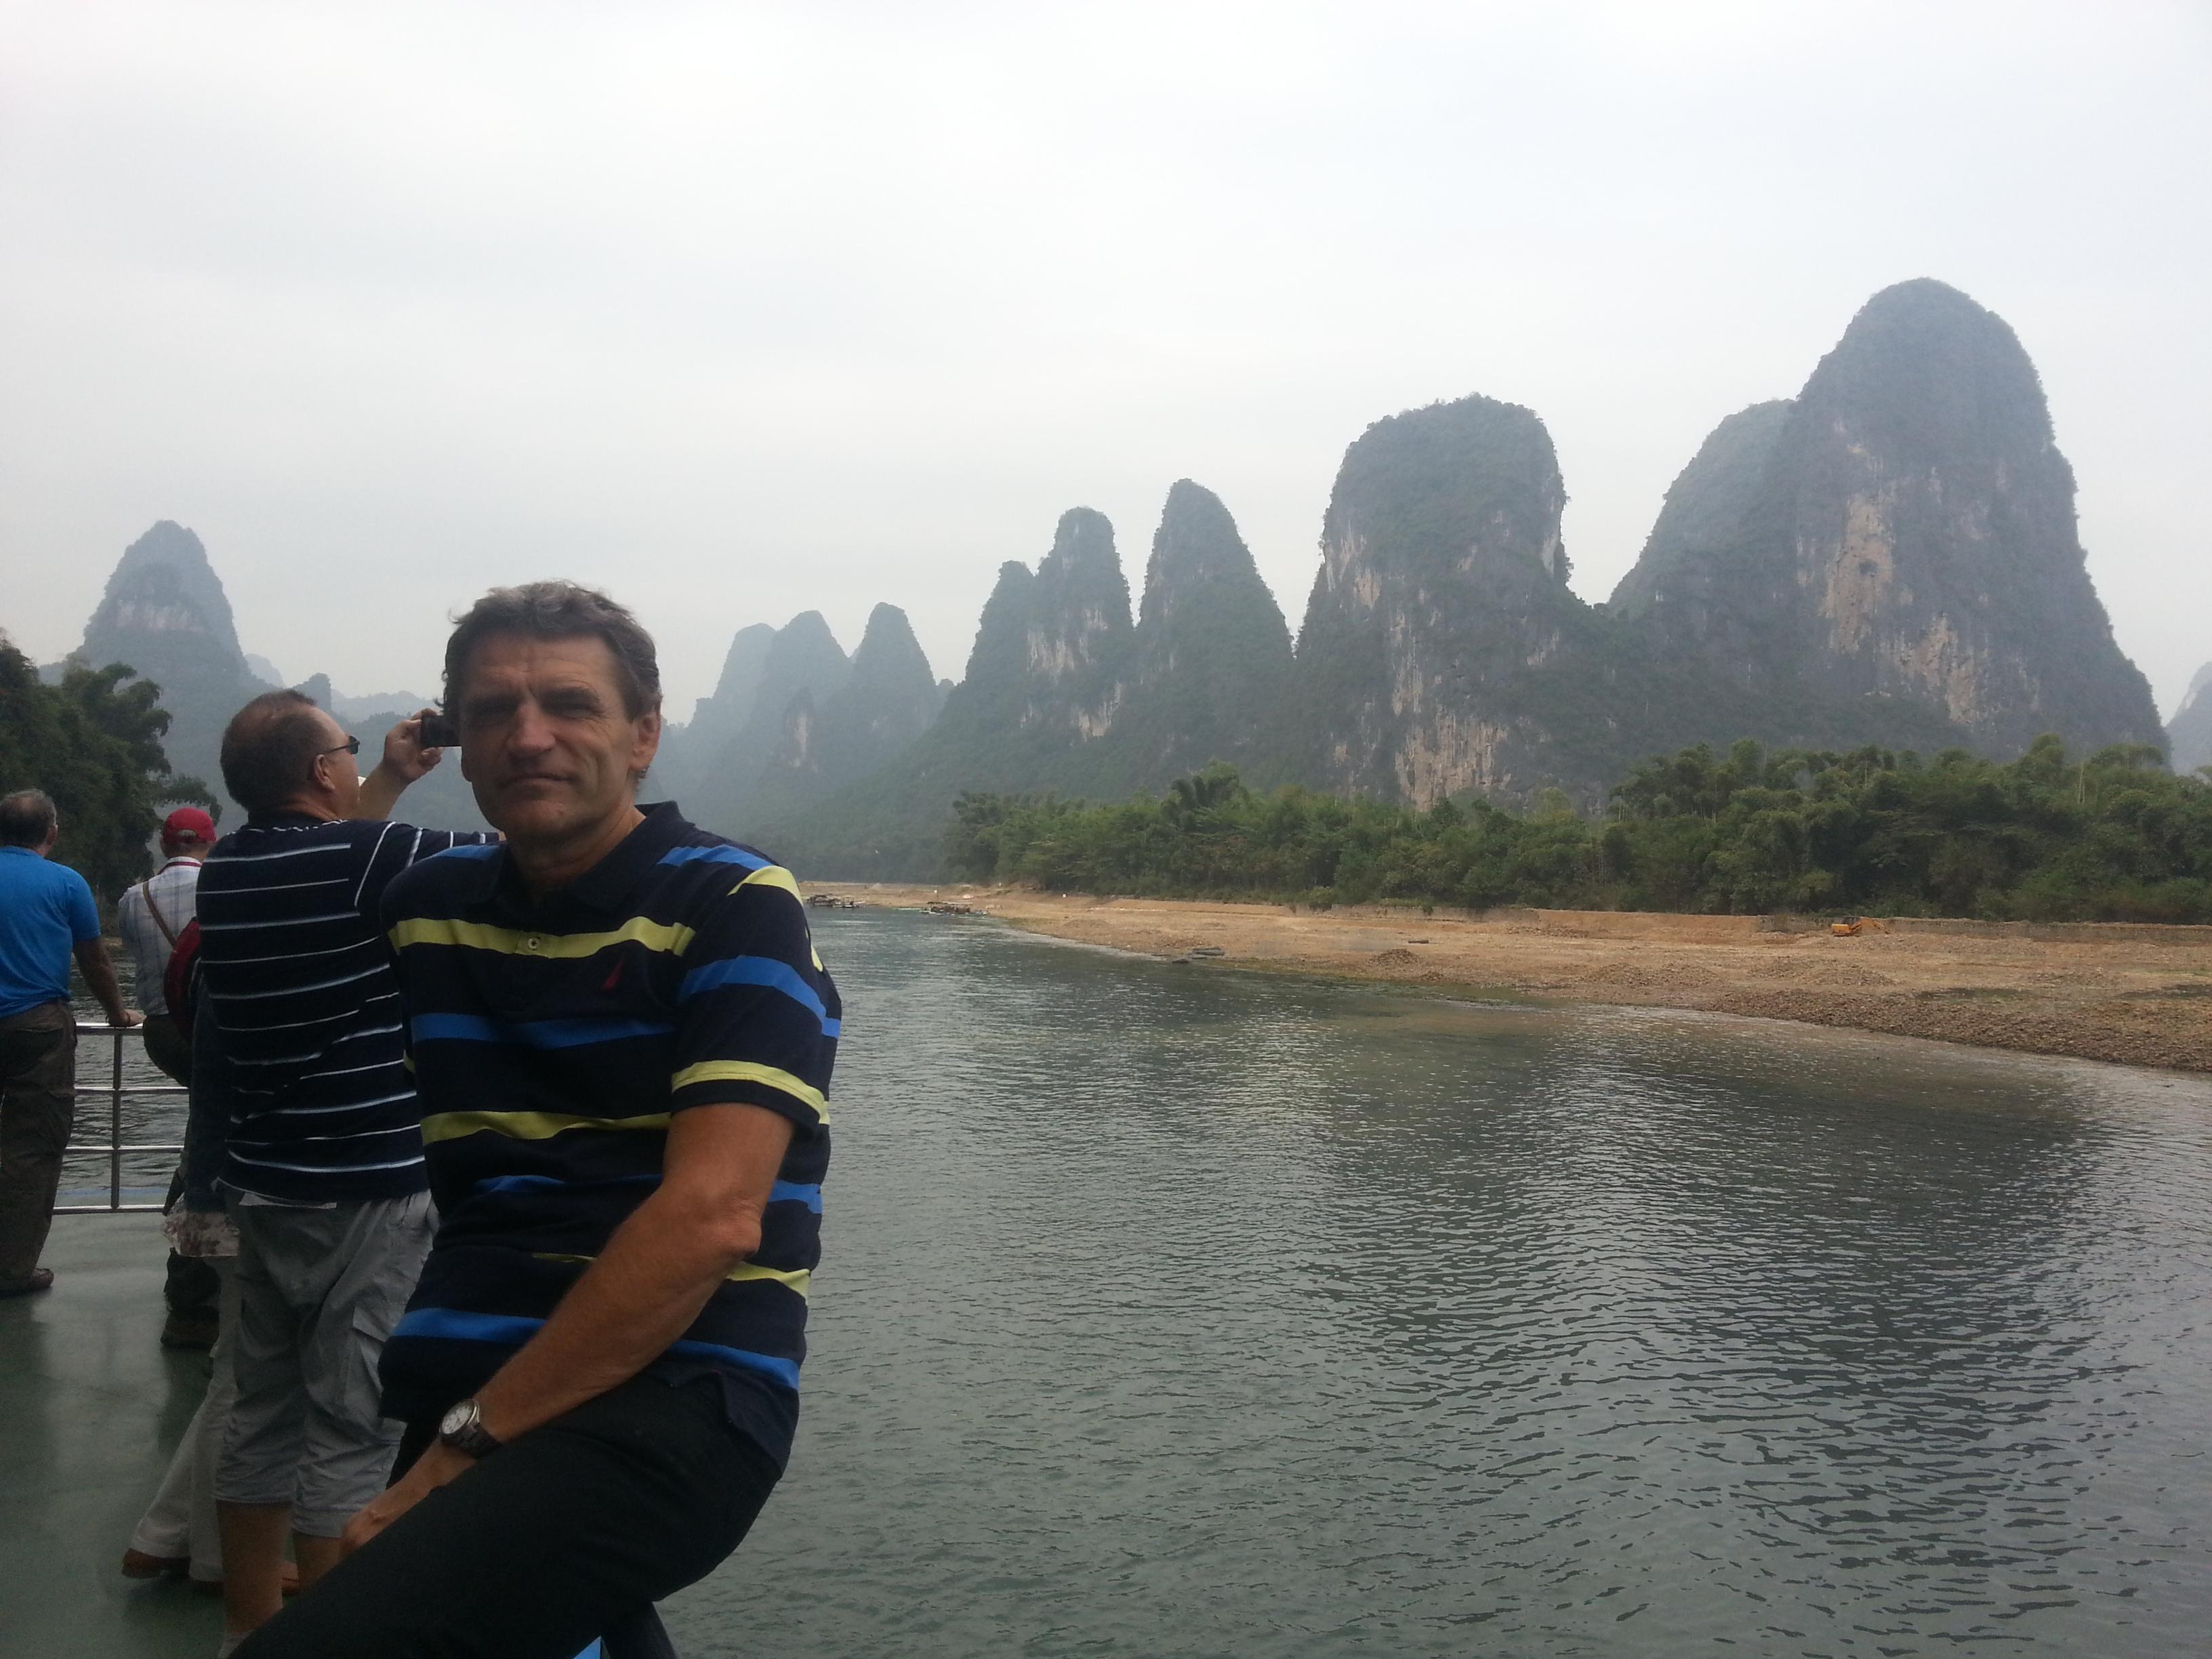 Kínai körút: Li folyó, tű sziklák